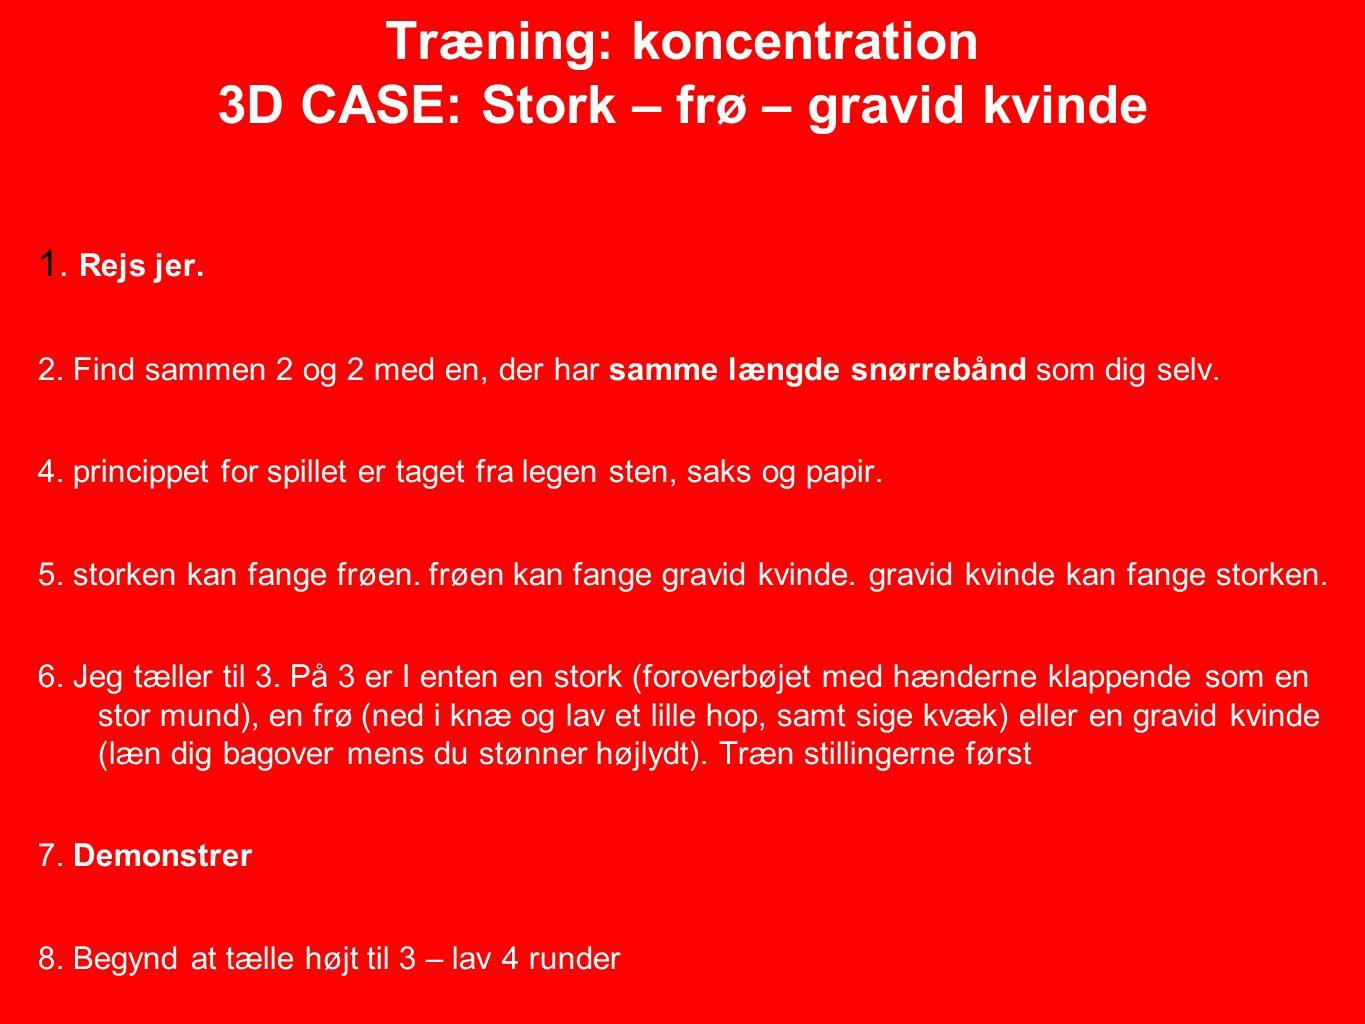 Træning: koncentration 3D CASE: Stork – frø – gravid kvinde